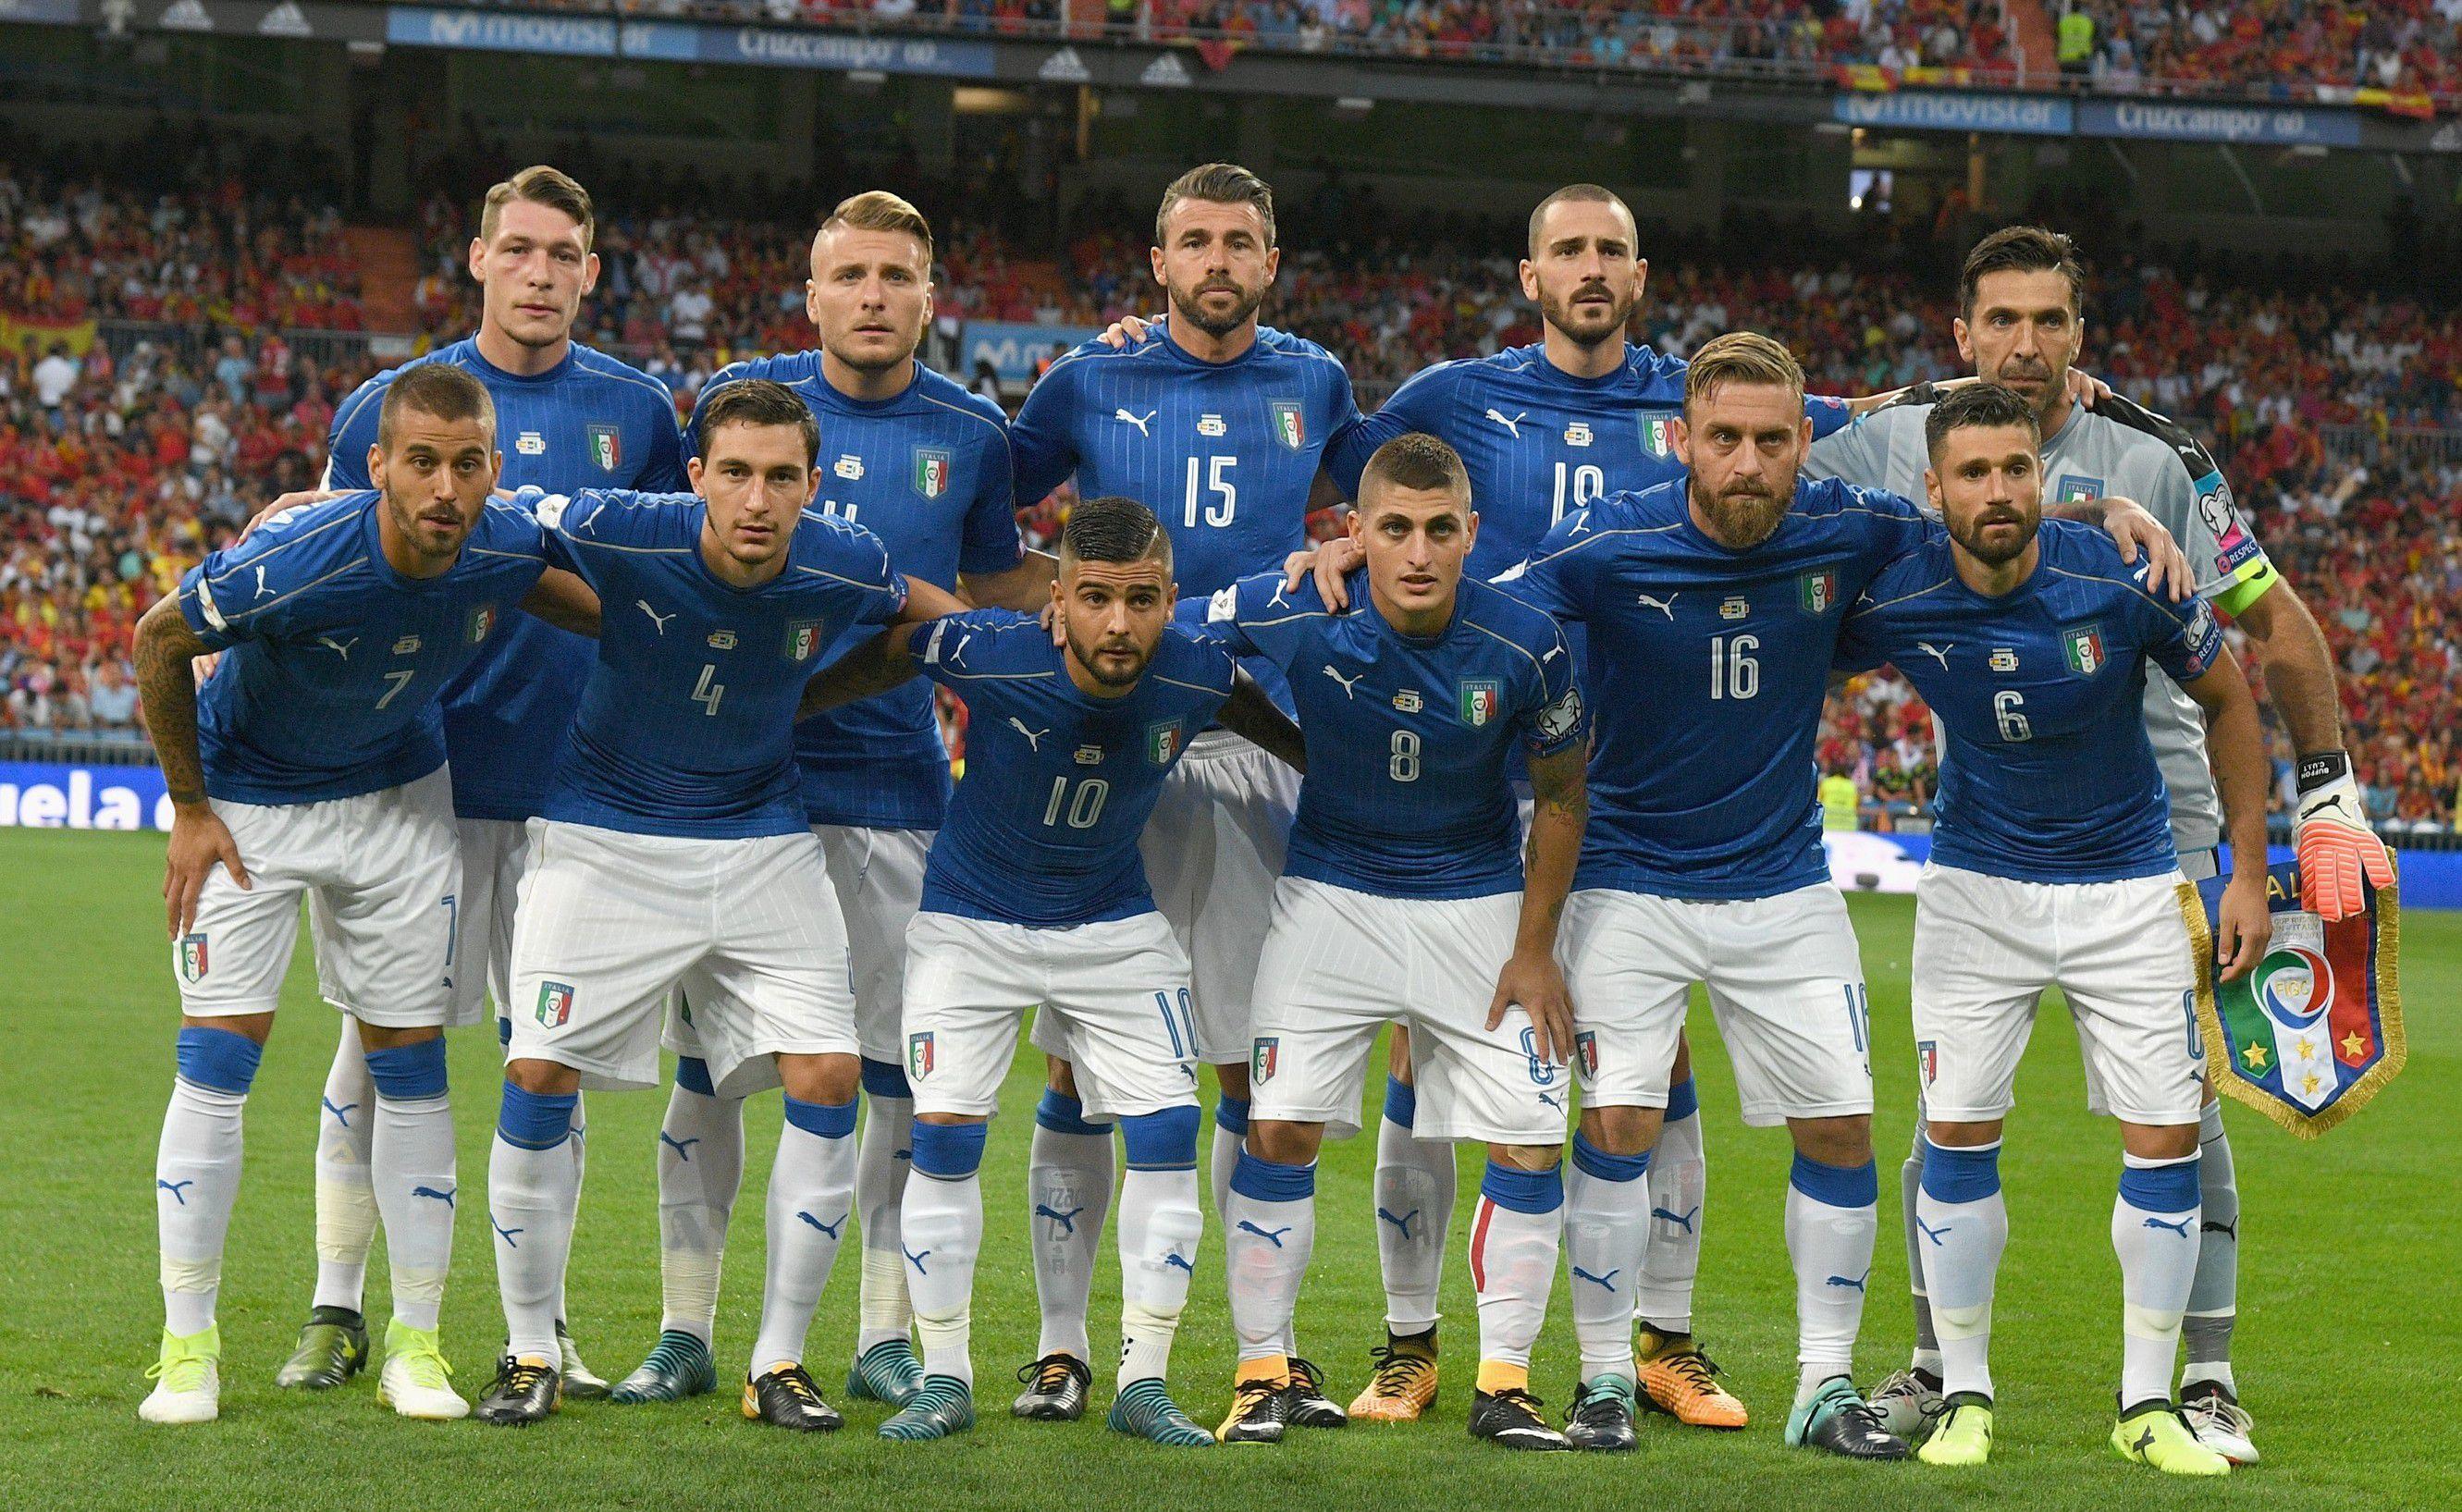 acquistare biglietti partite Nazionale Italiana di Calcio